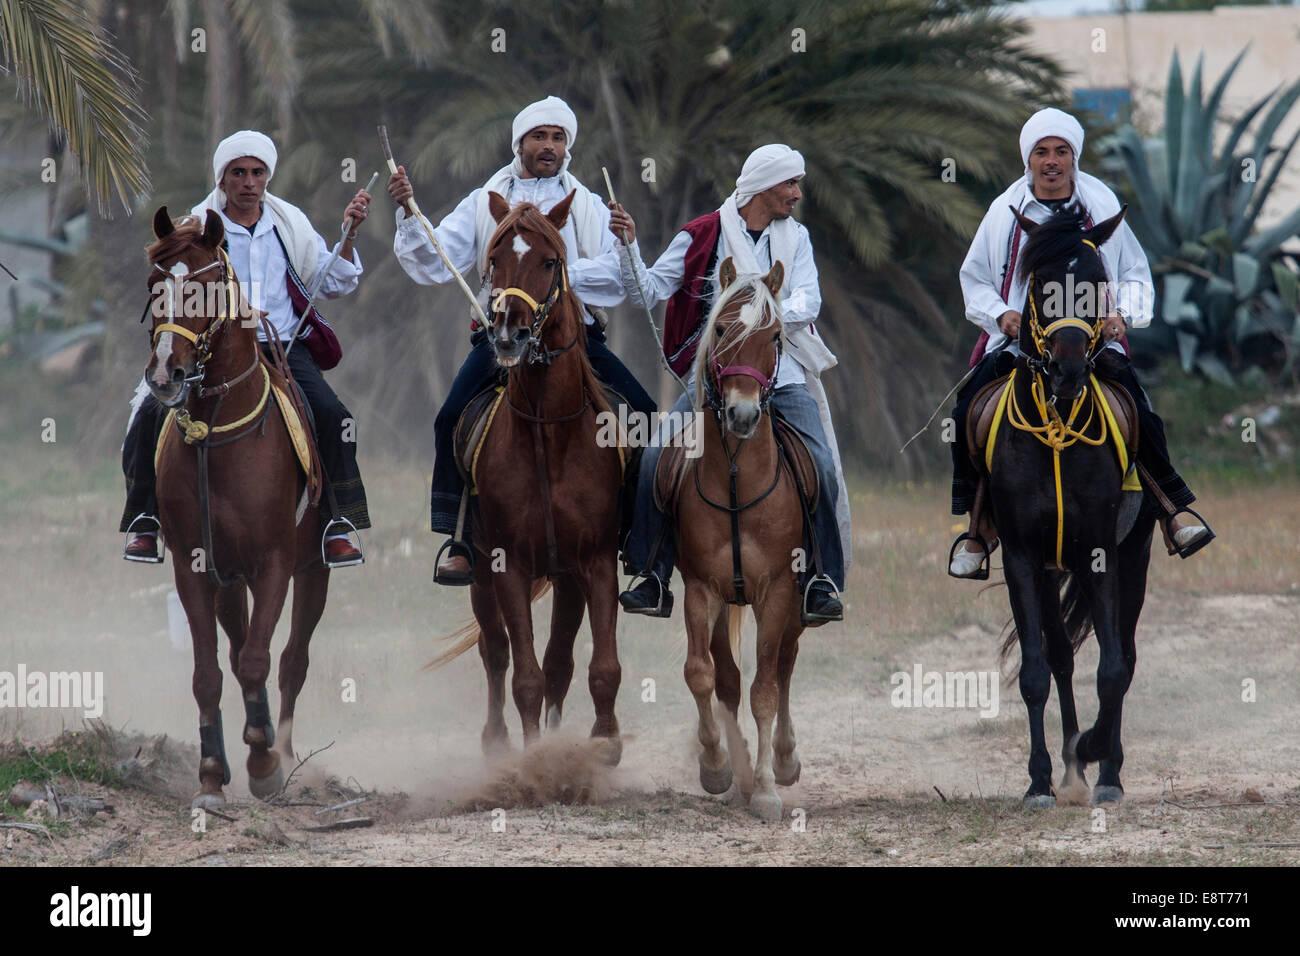 Giochi equestri, Fantasia, Midoun Djerba, Tunisia Immagini Stock